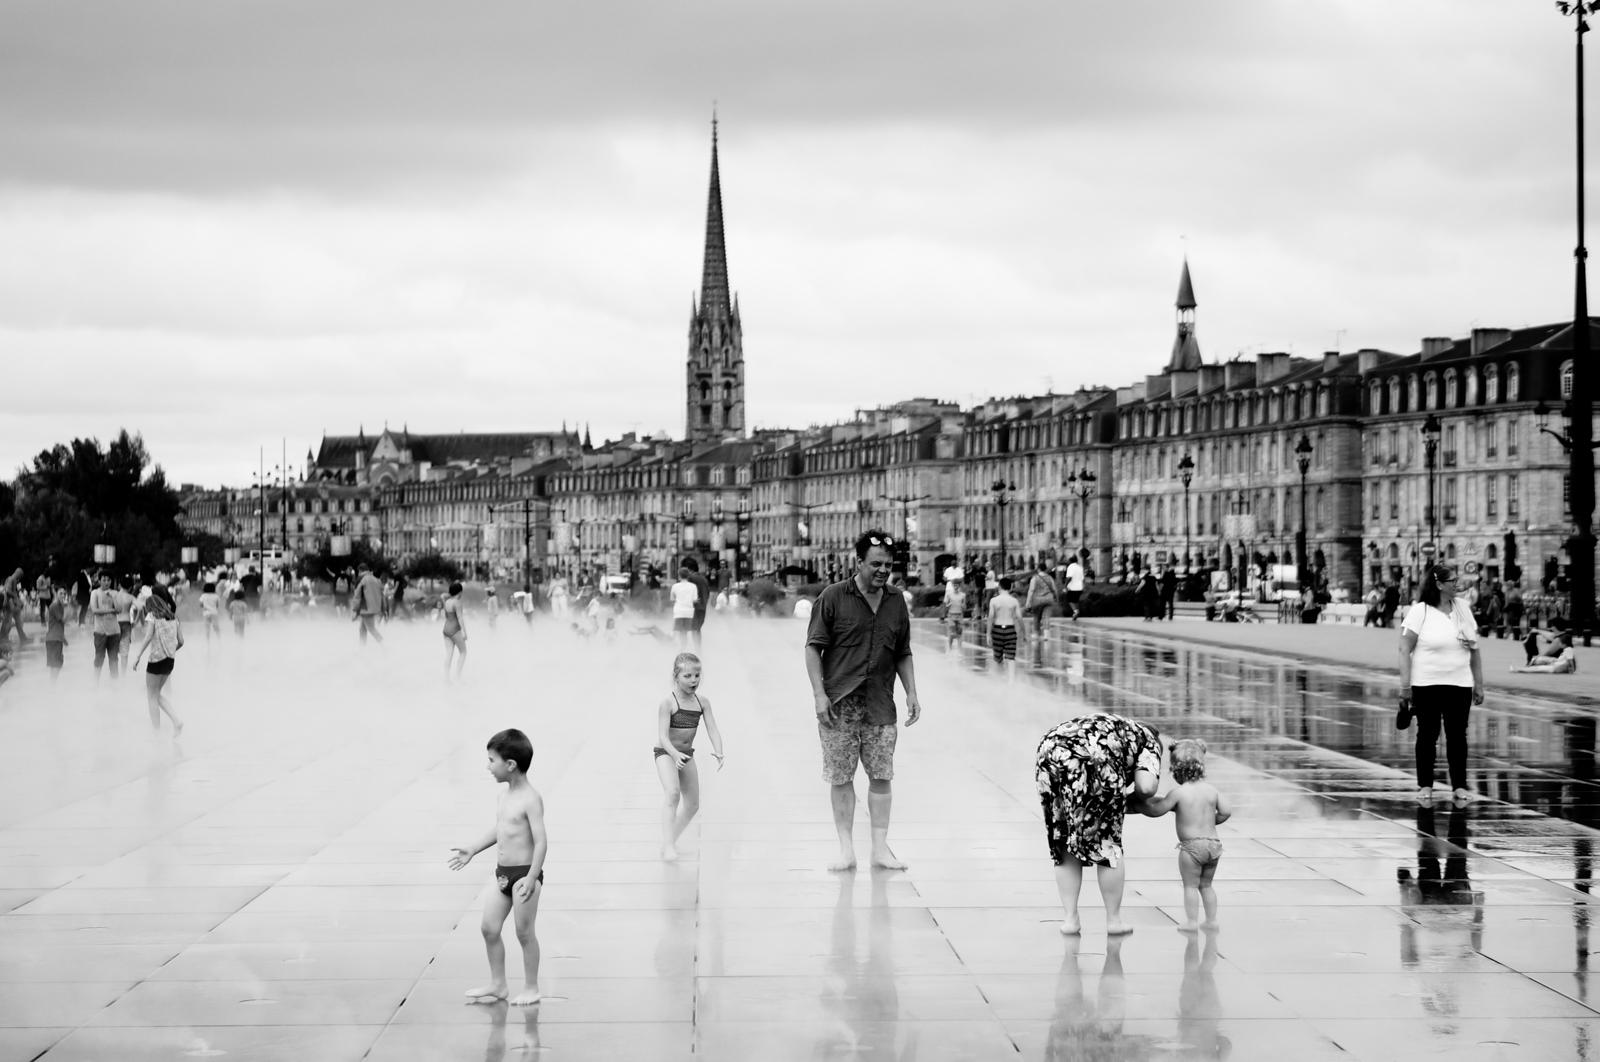 bordeaux, bordeaux city guide, borderaux tourisme, week-end bordeaux, blog bordeaux, vacances bordeaux, que faire à bordeaux, miroir d'eau